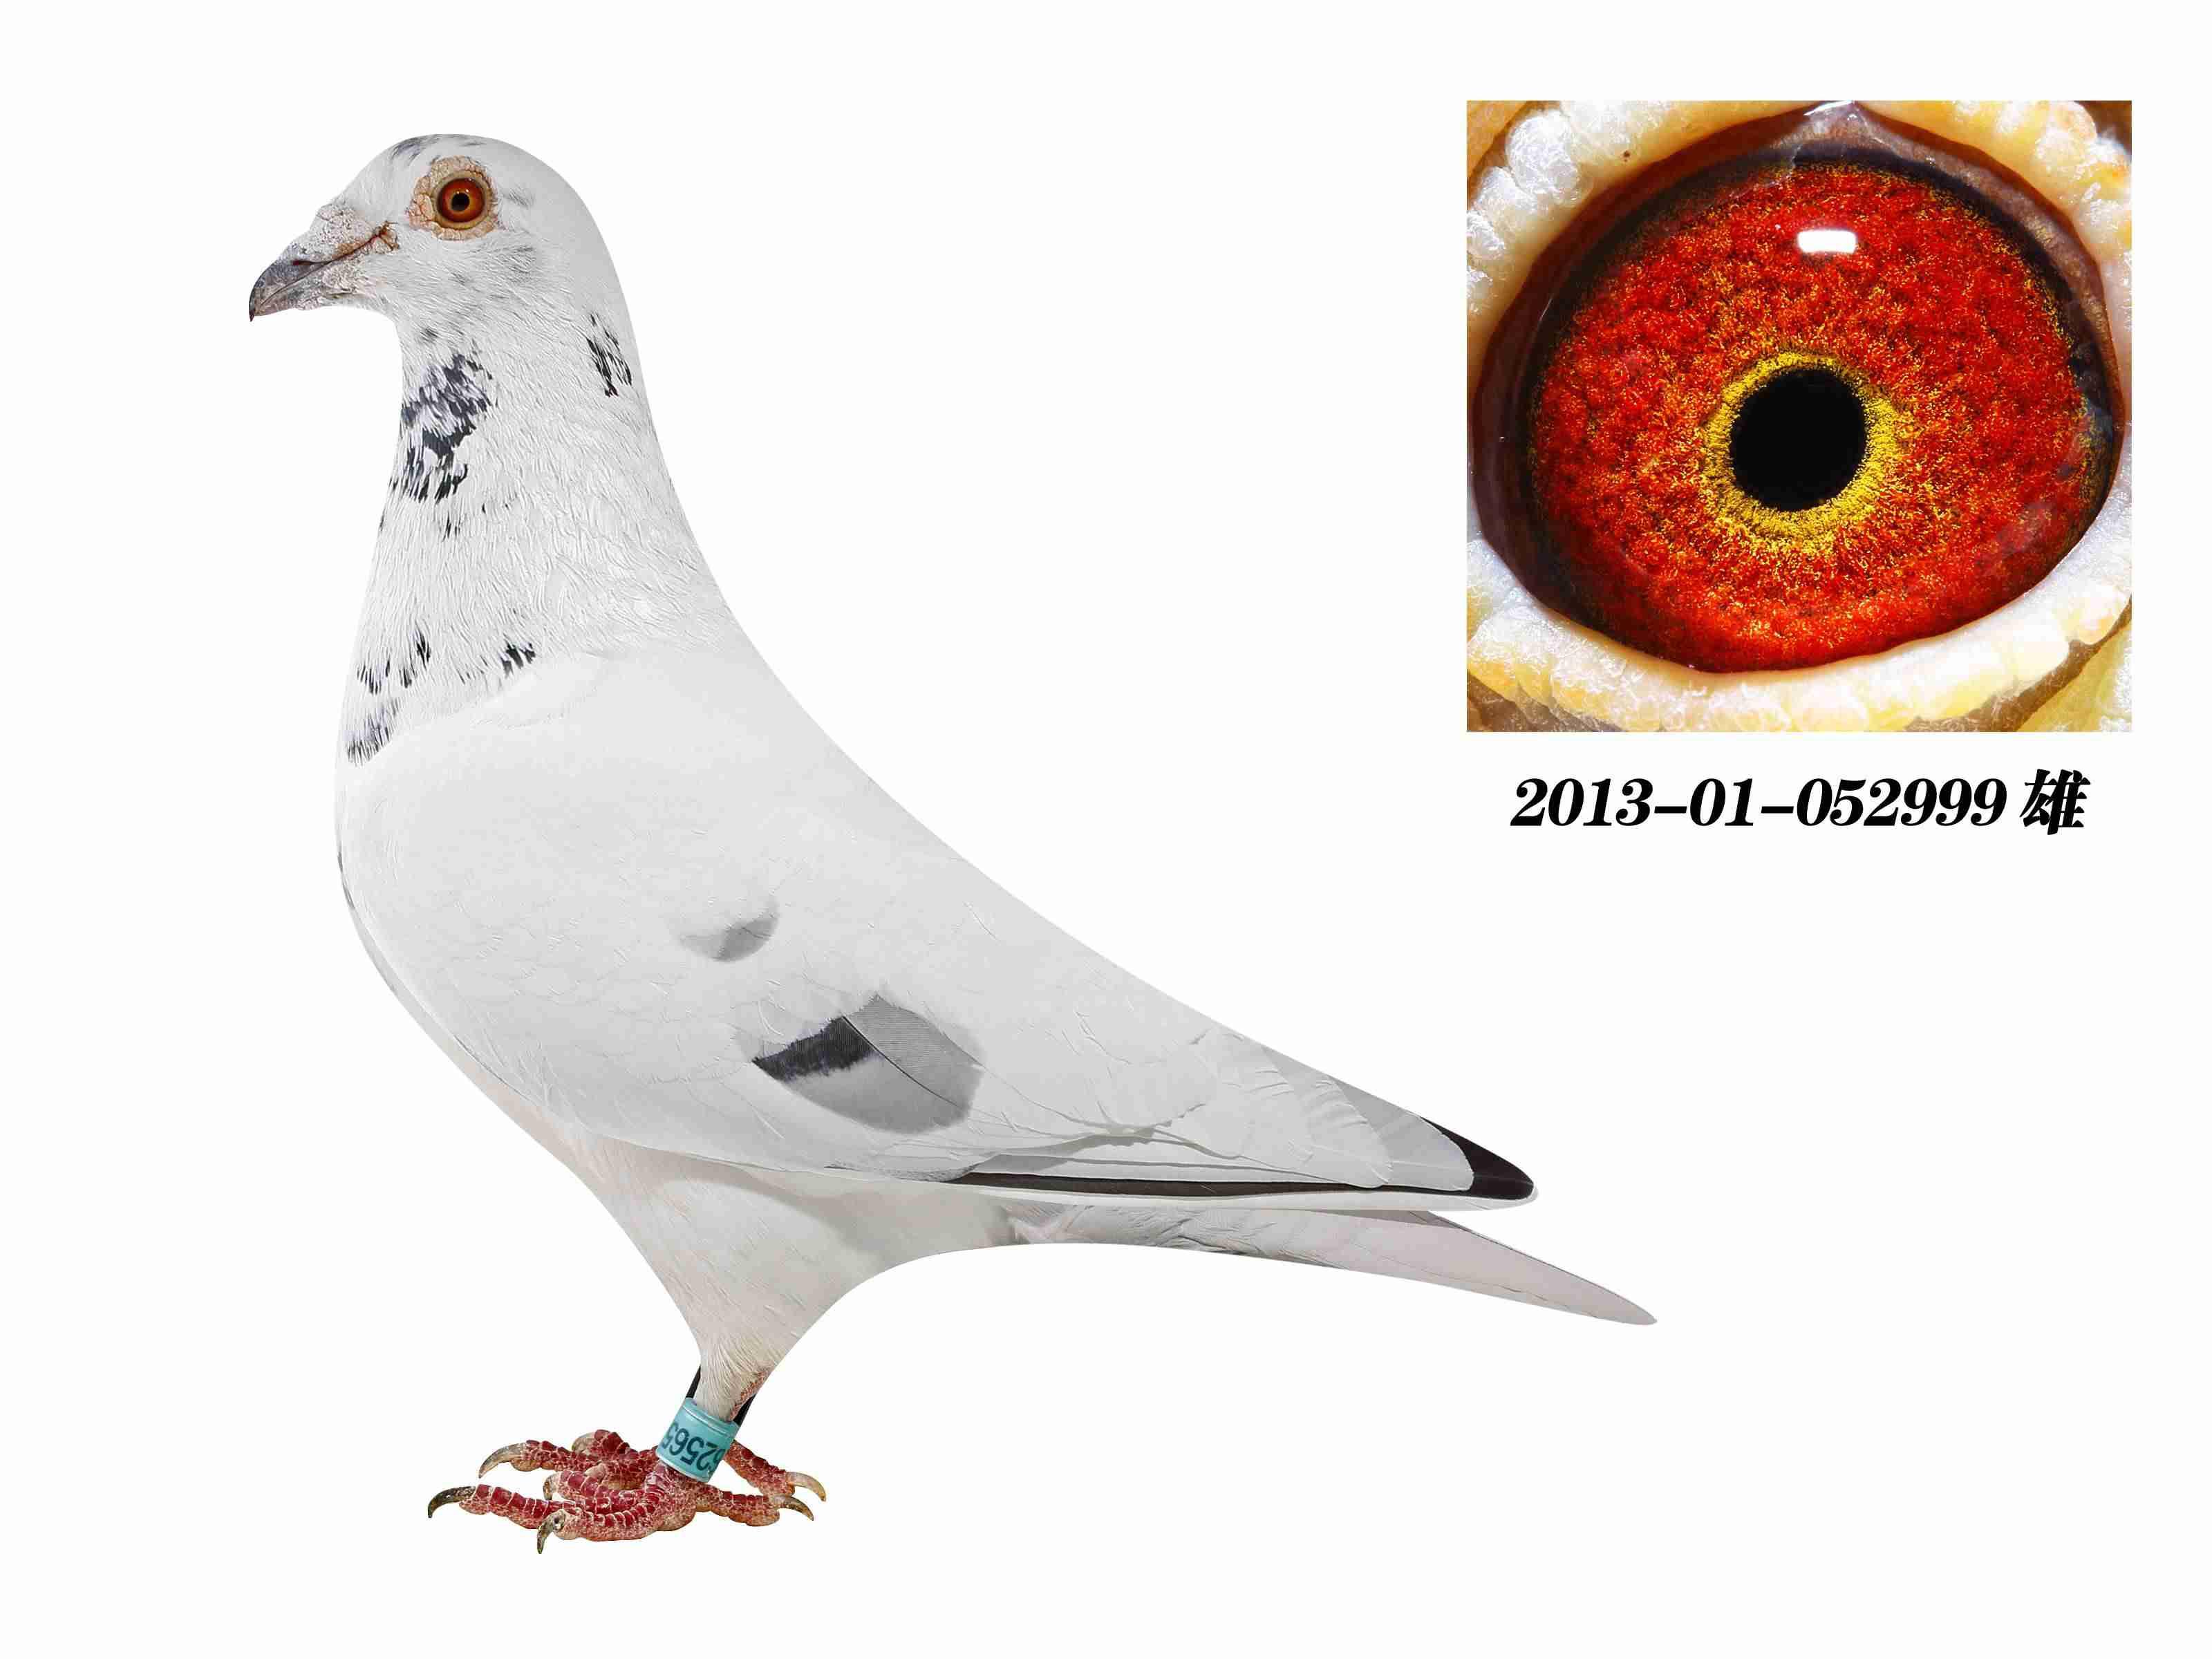 鹦鹉鸽鸟类鸟鸽子3200_2400小的东西不会吃动物图片